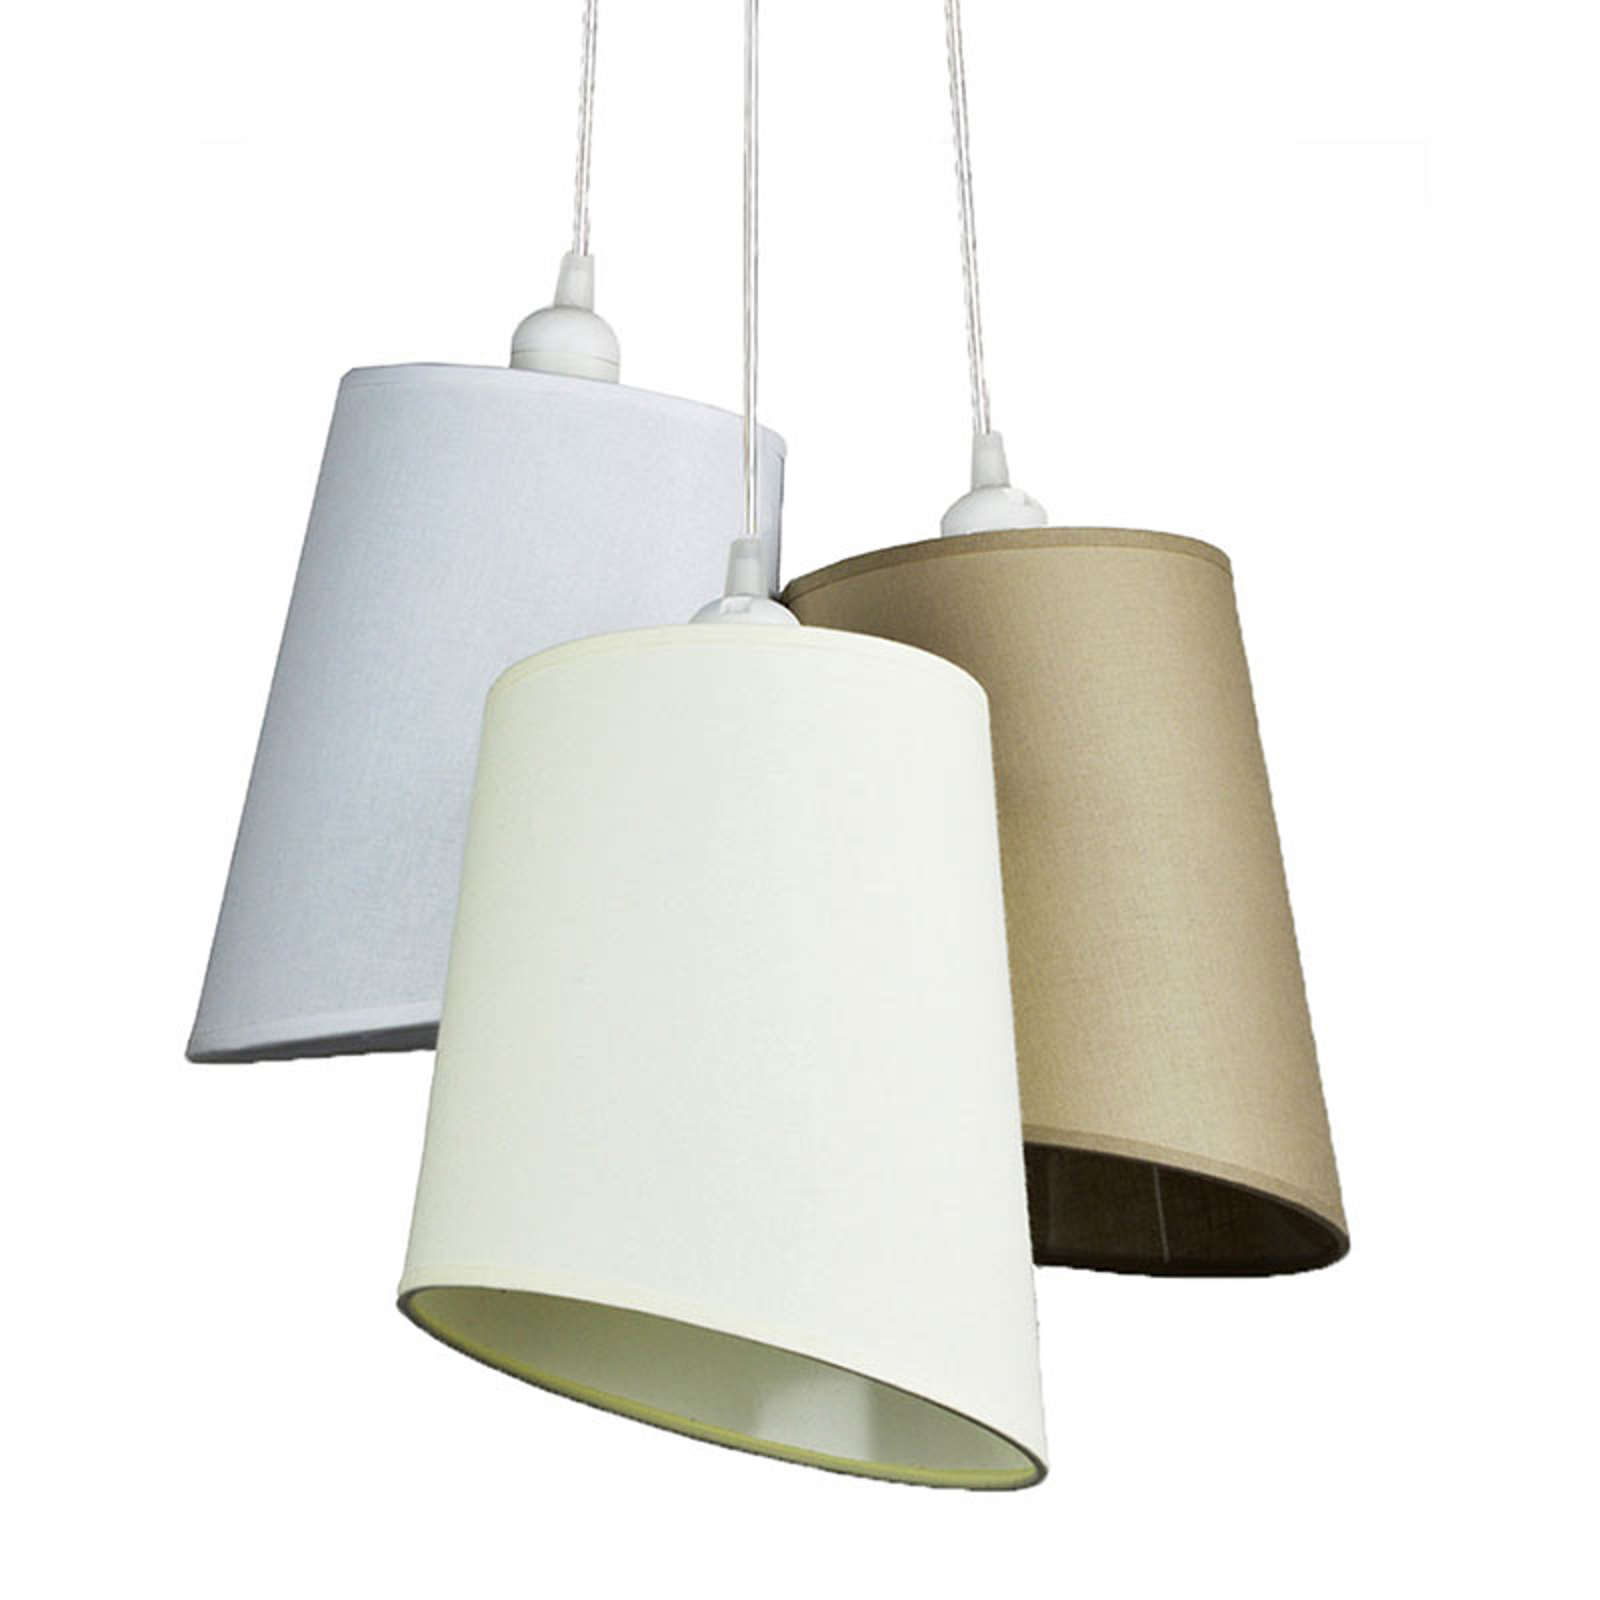 Lampa wisząca Verona biała 3-pkt. biała/écru/beż